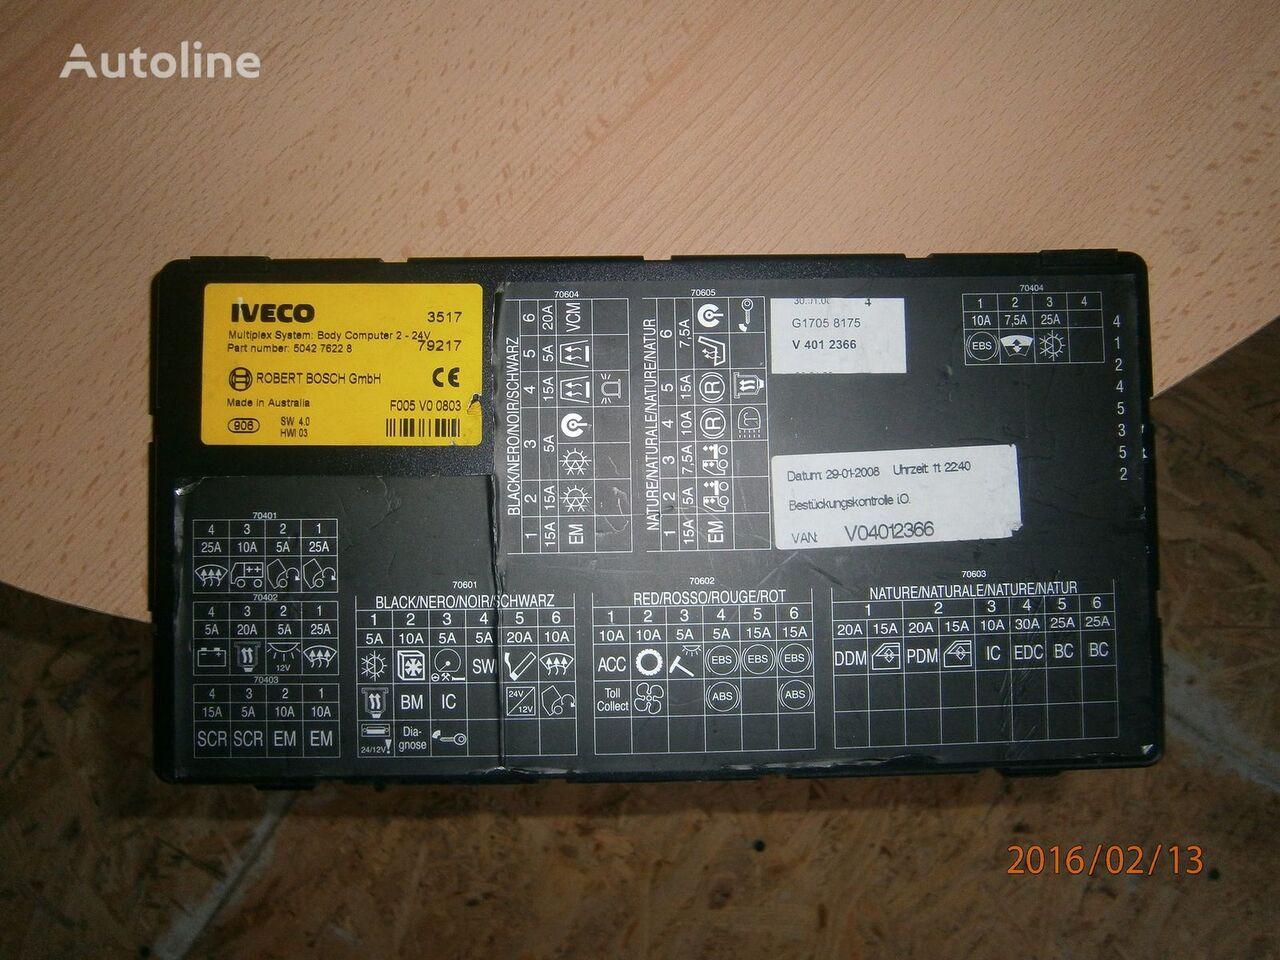 Iveco Stralis EURO5 Multiplex system body computer 504276228 unidad de control para IVECO Stralis tractora